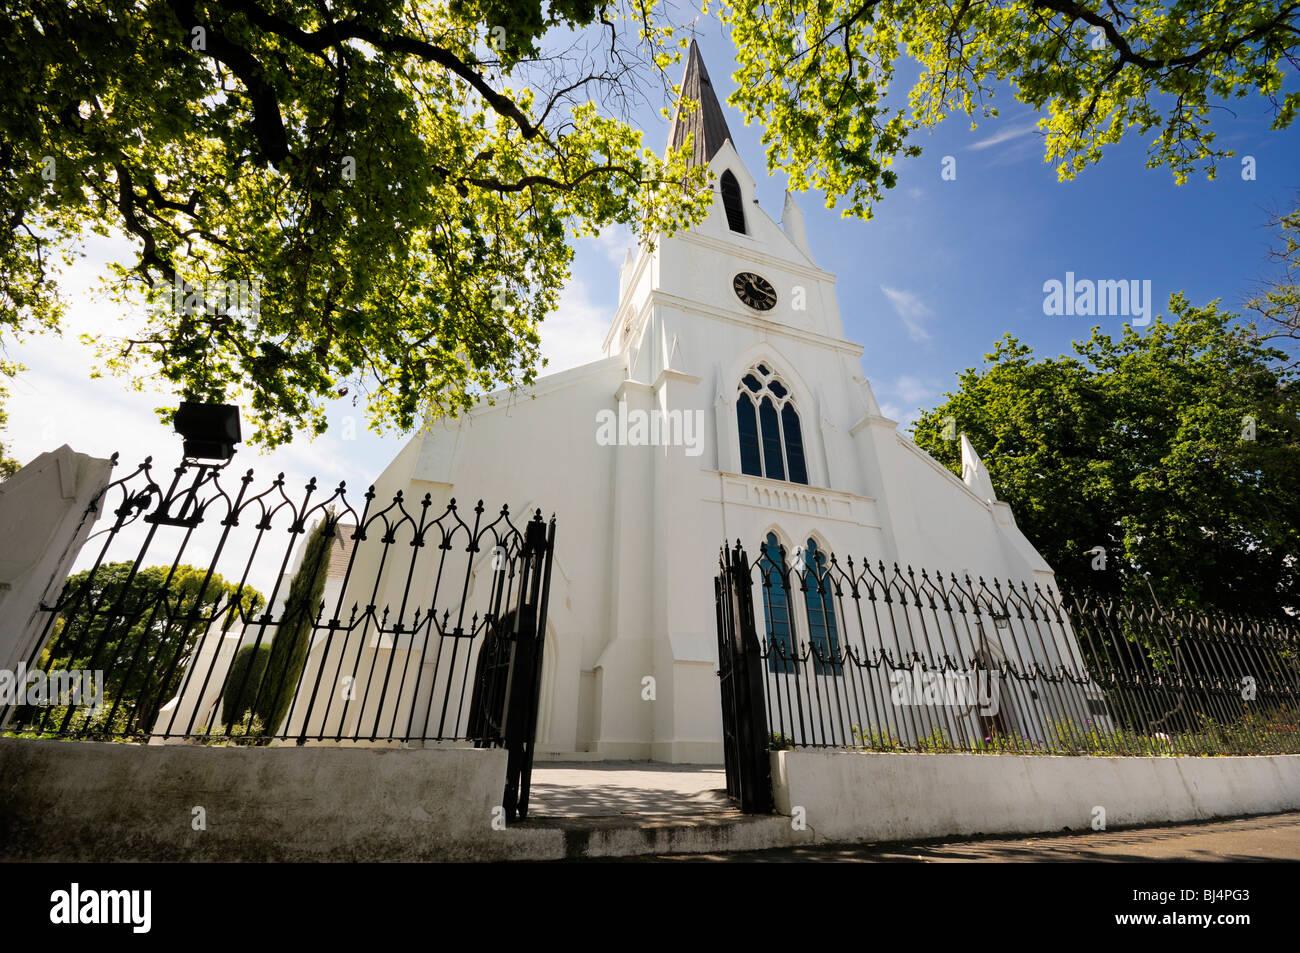 Église Moederkerk, Stellenbosch, Province du Cap, Afrique du Sud, l'Afrique Banque D'Images